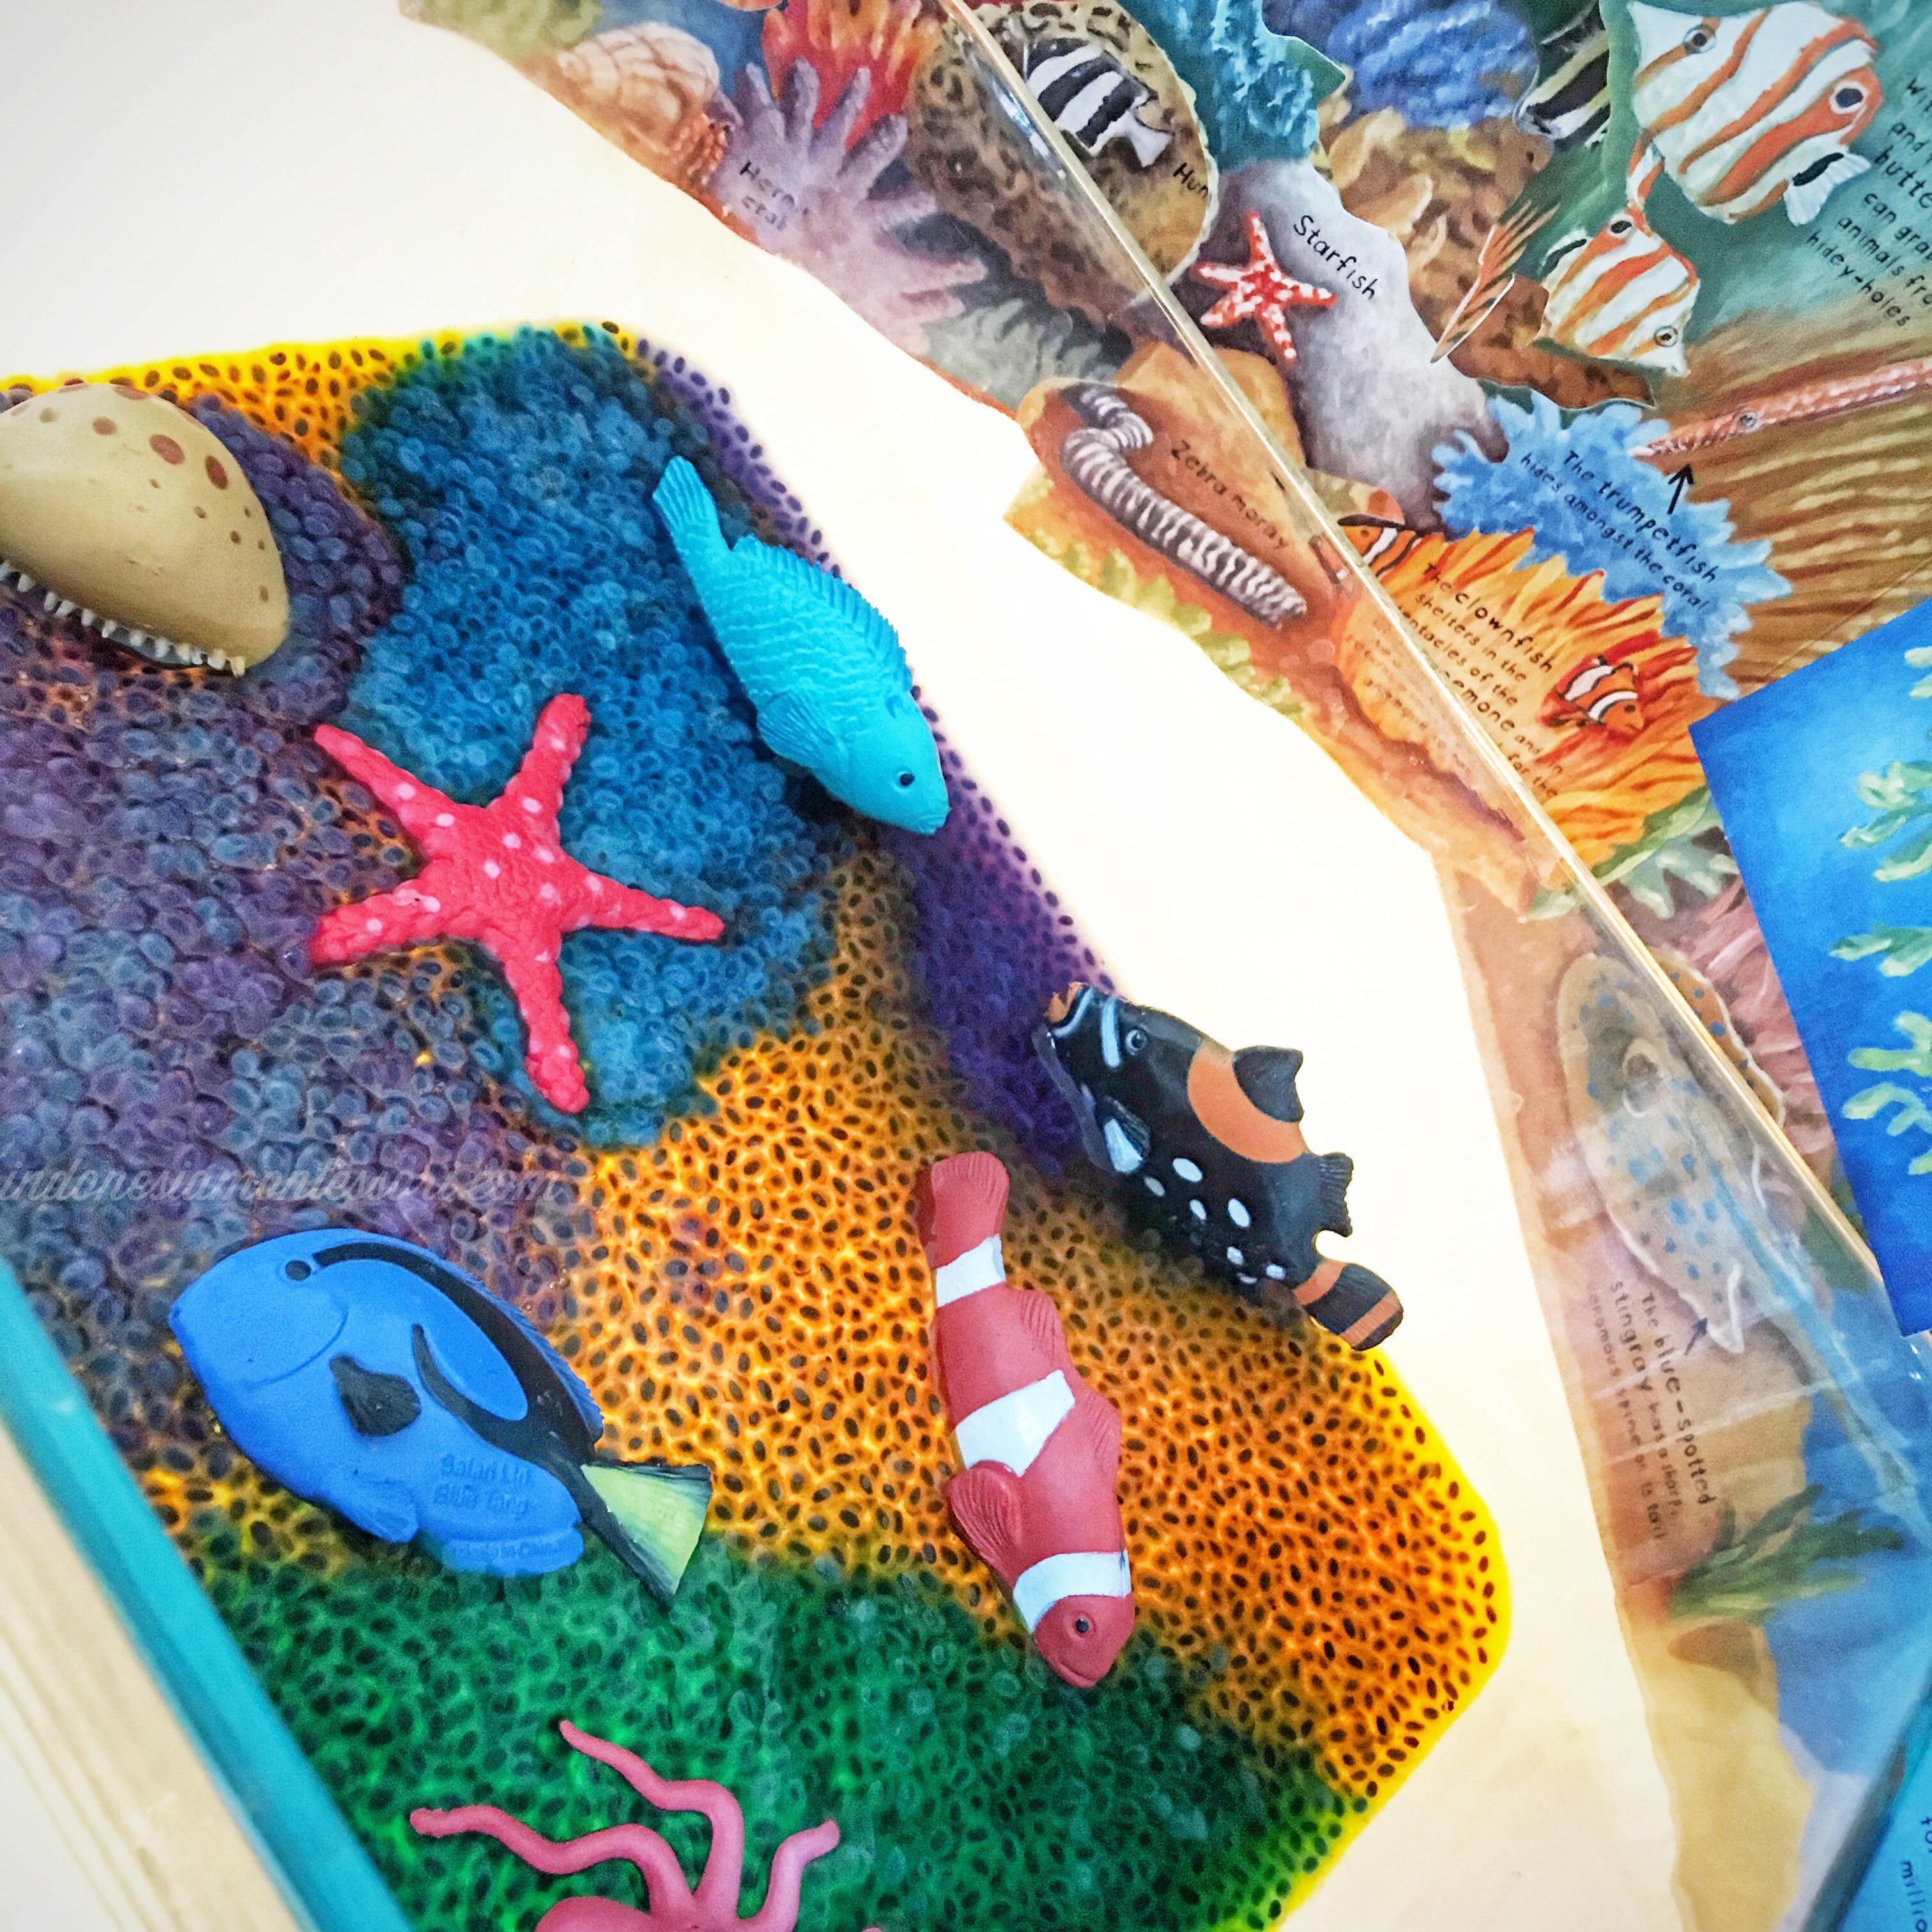 montessori coral reef animal habitat